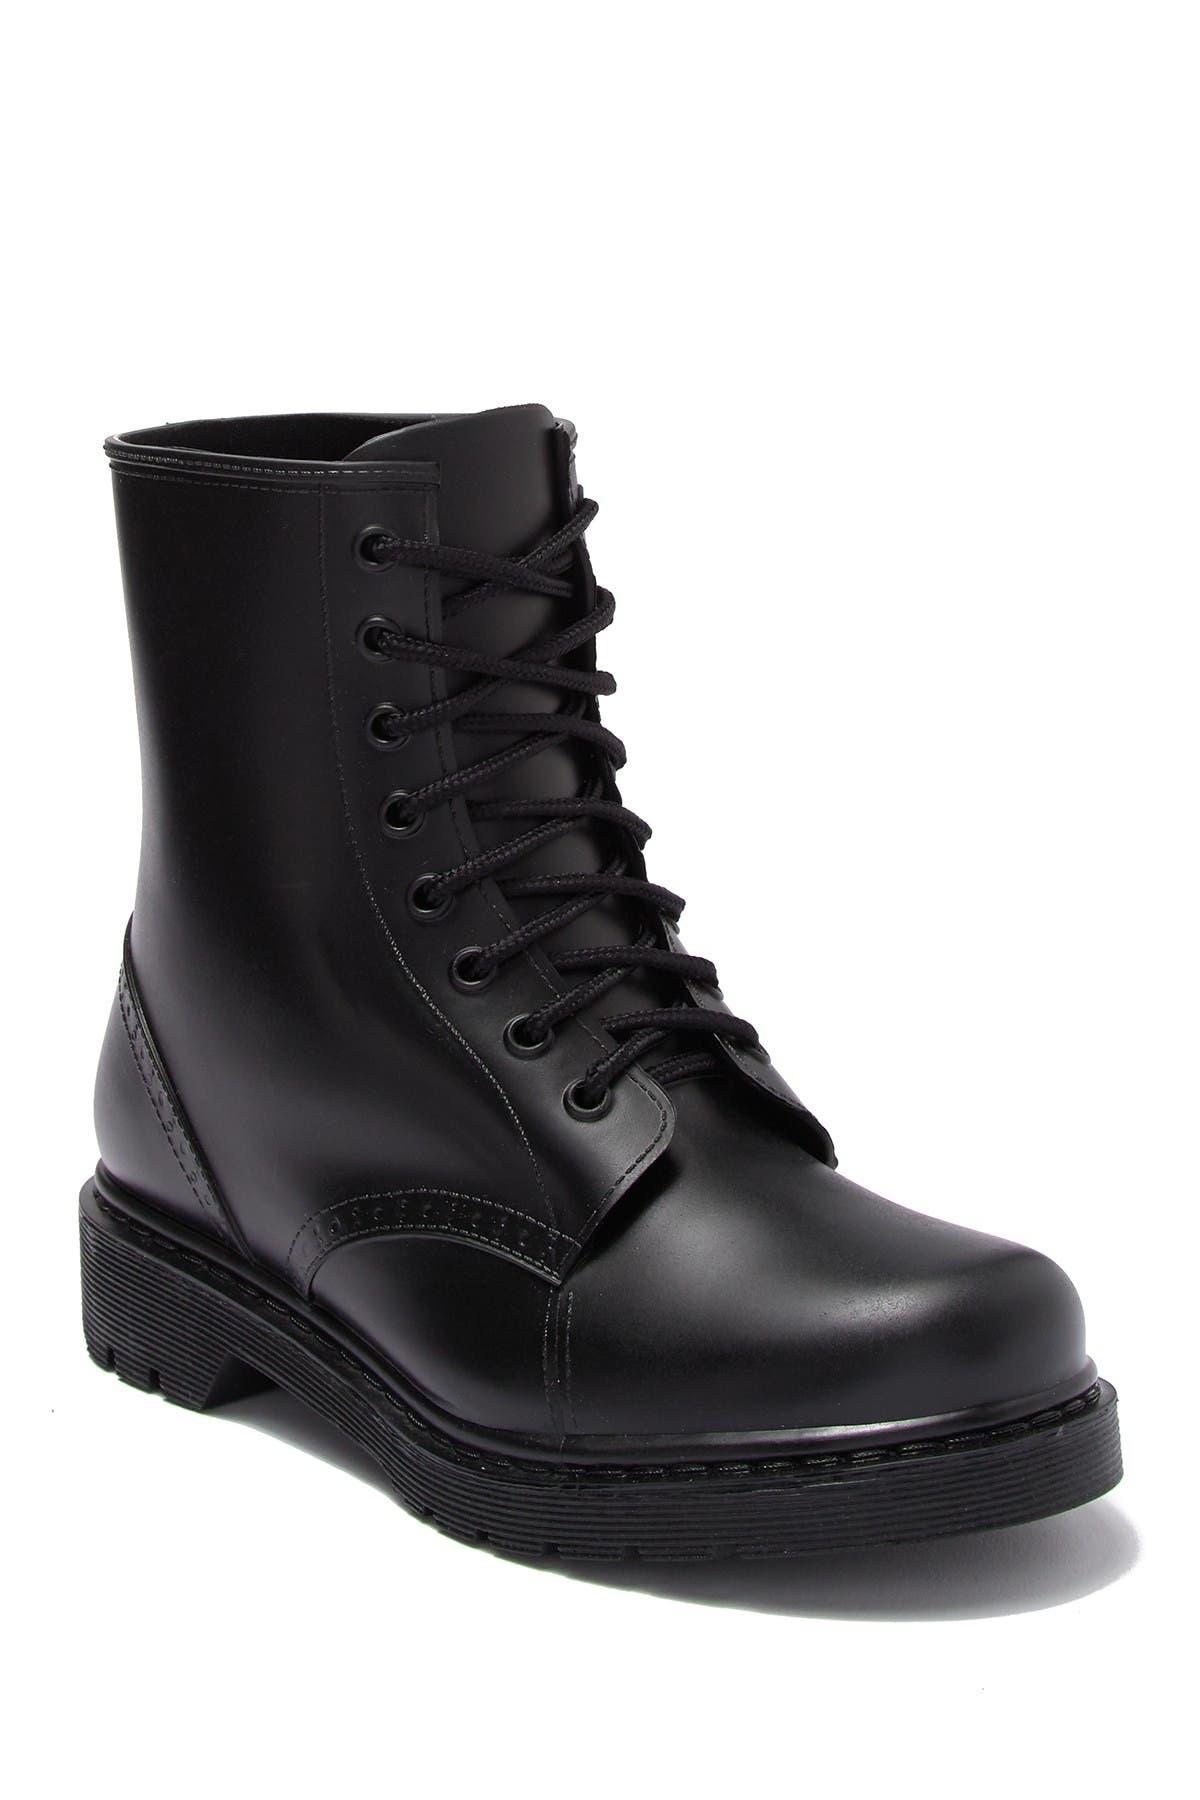 Madden Girl | Portland Rain Boot